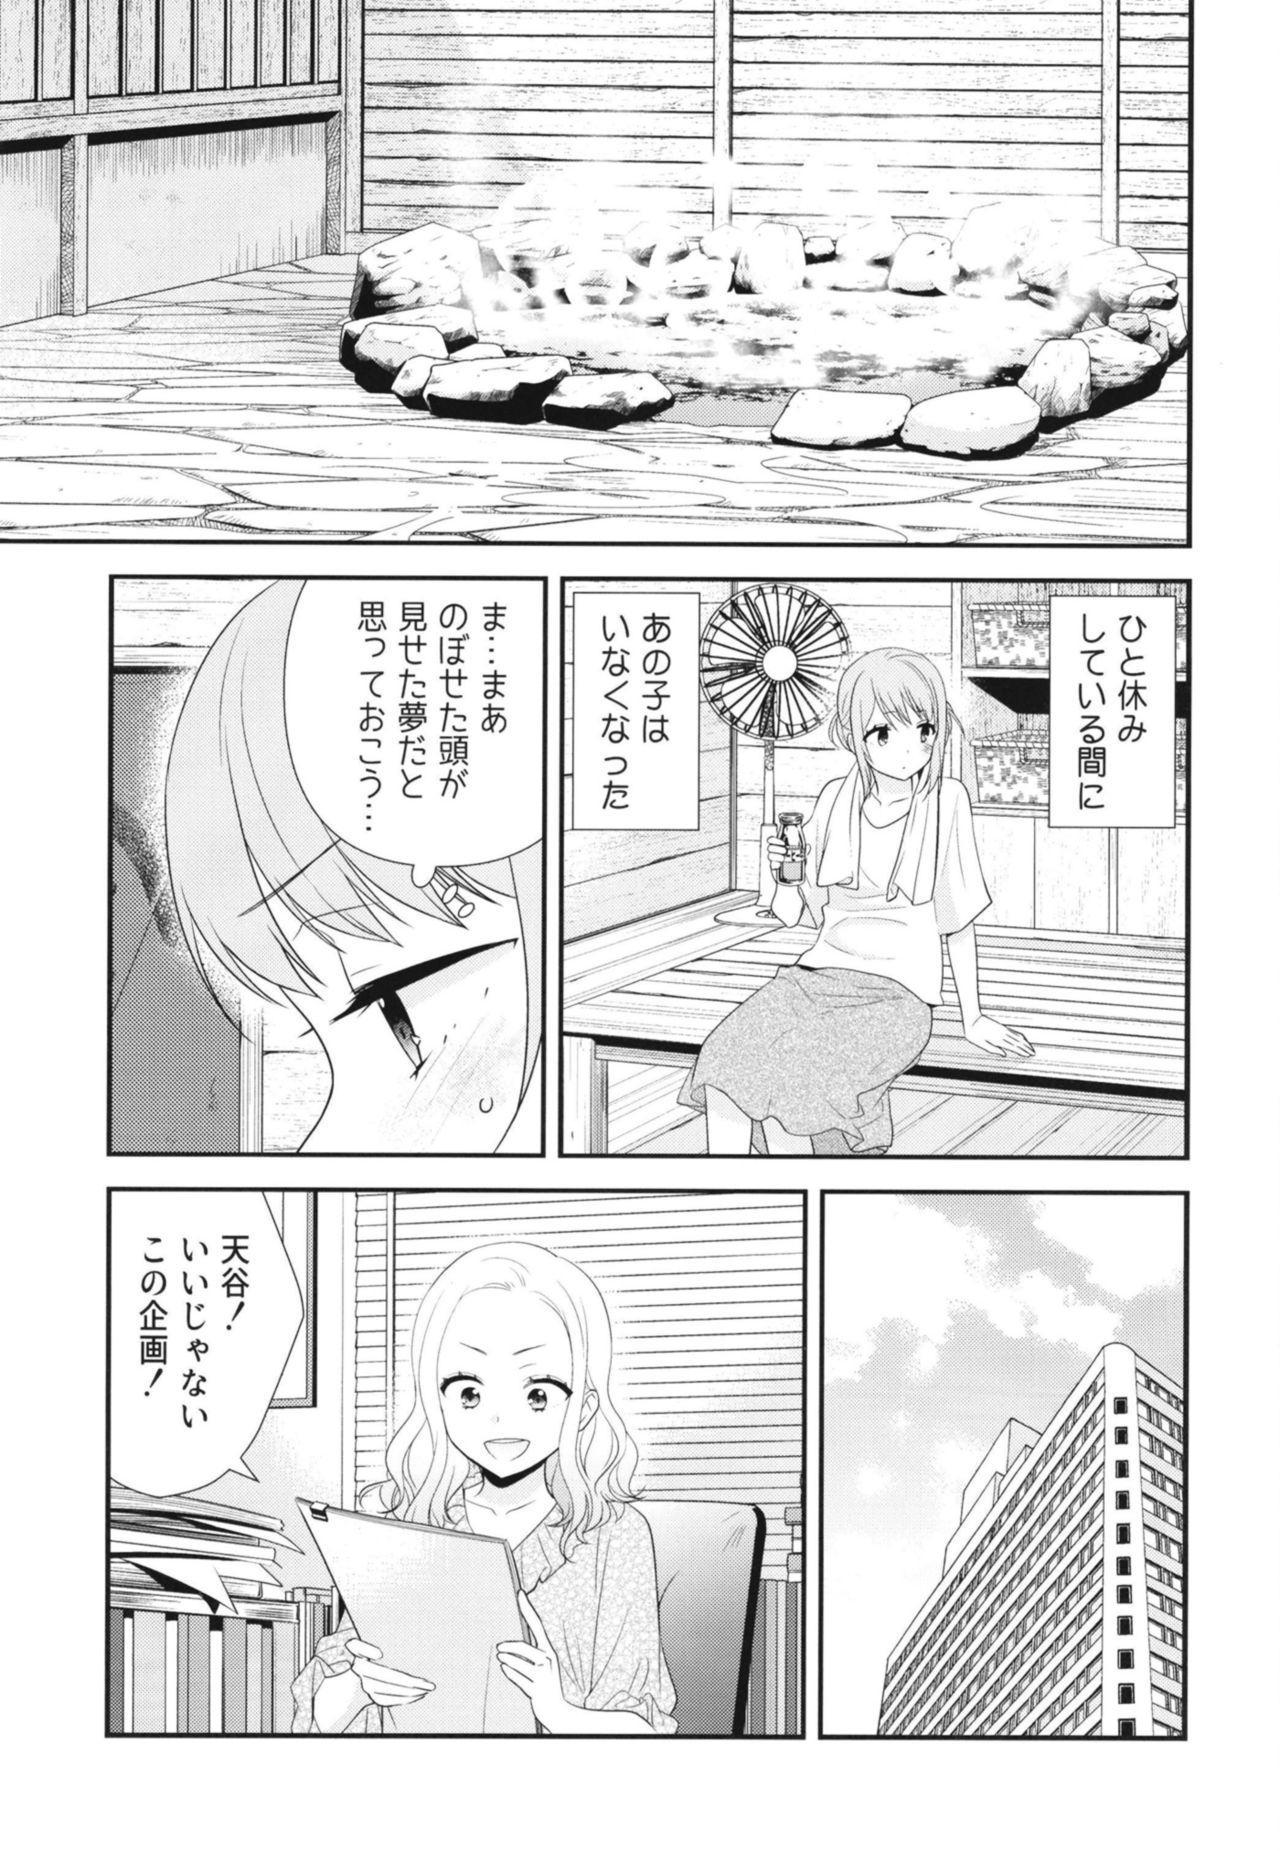 とろける女子湯 26